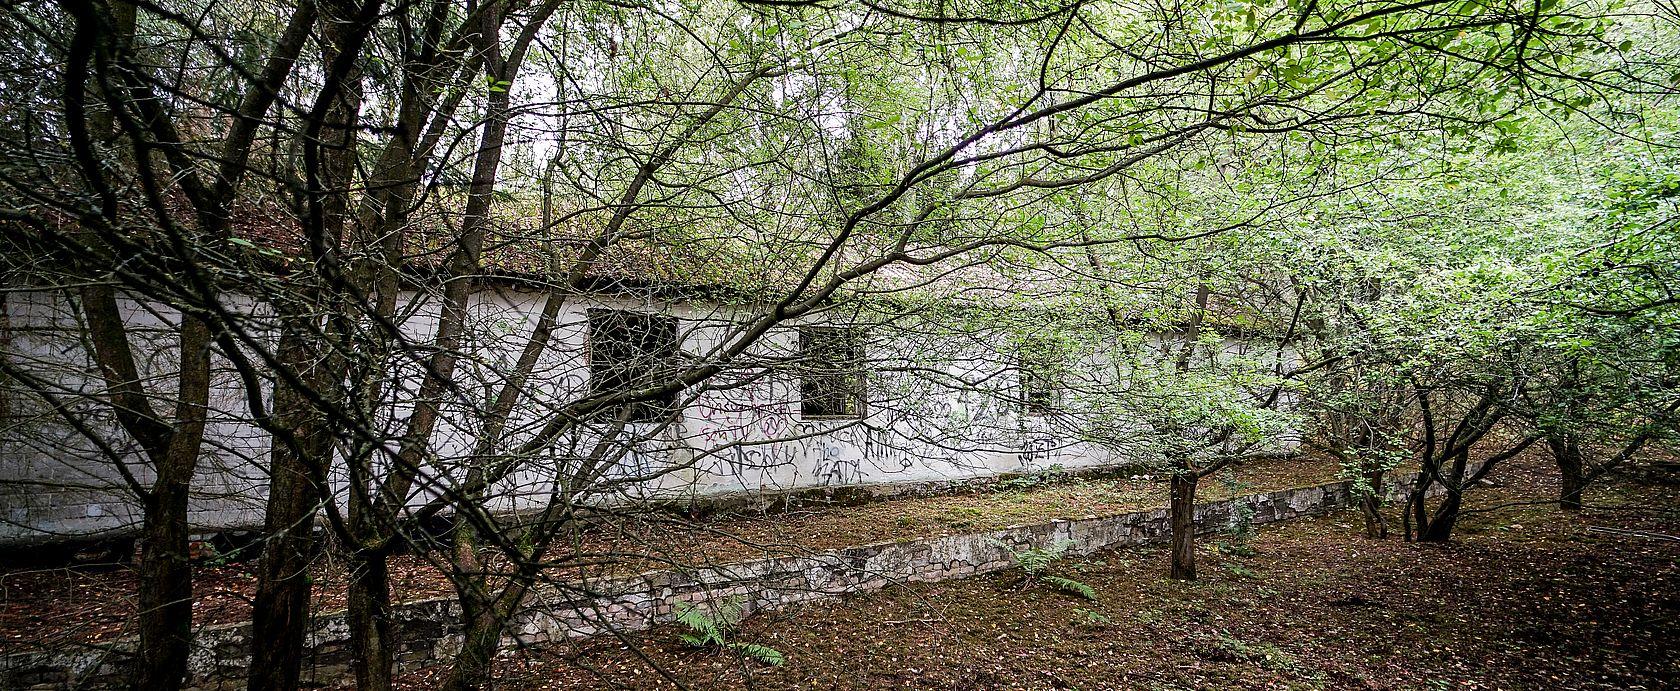 Im Wald versteckte Objekte